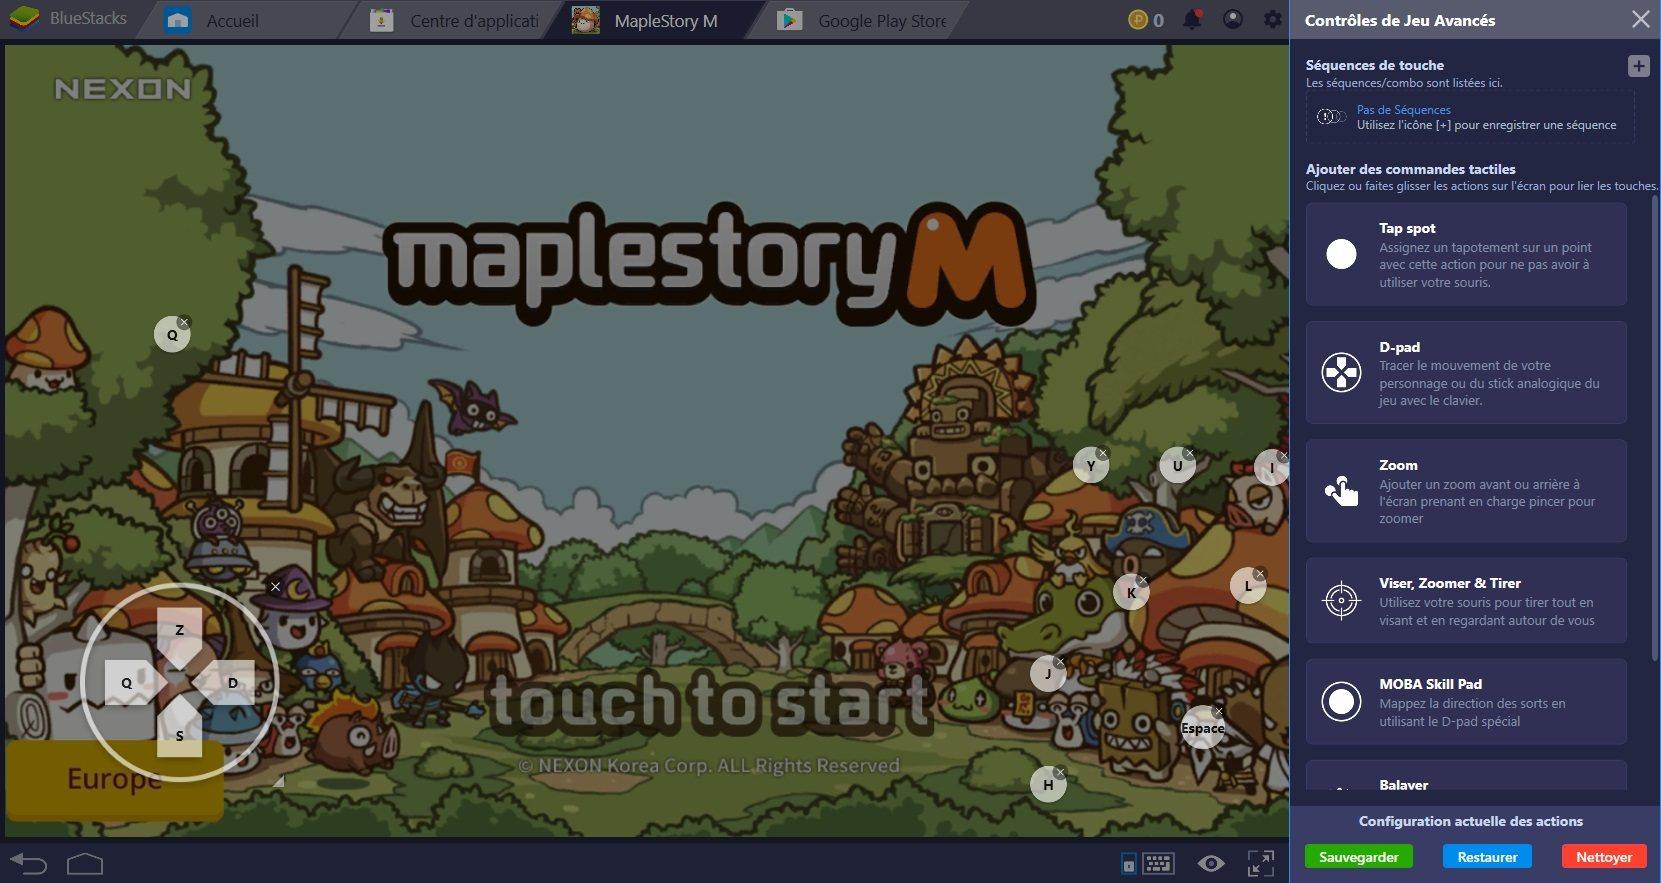 Farmez plus vite dans MapleStory M grâce au Combo Key de BlueStacks